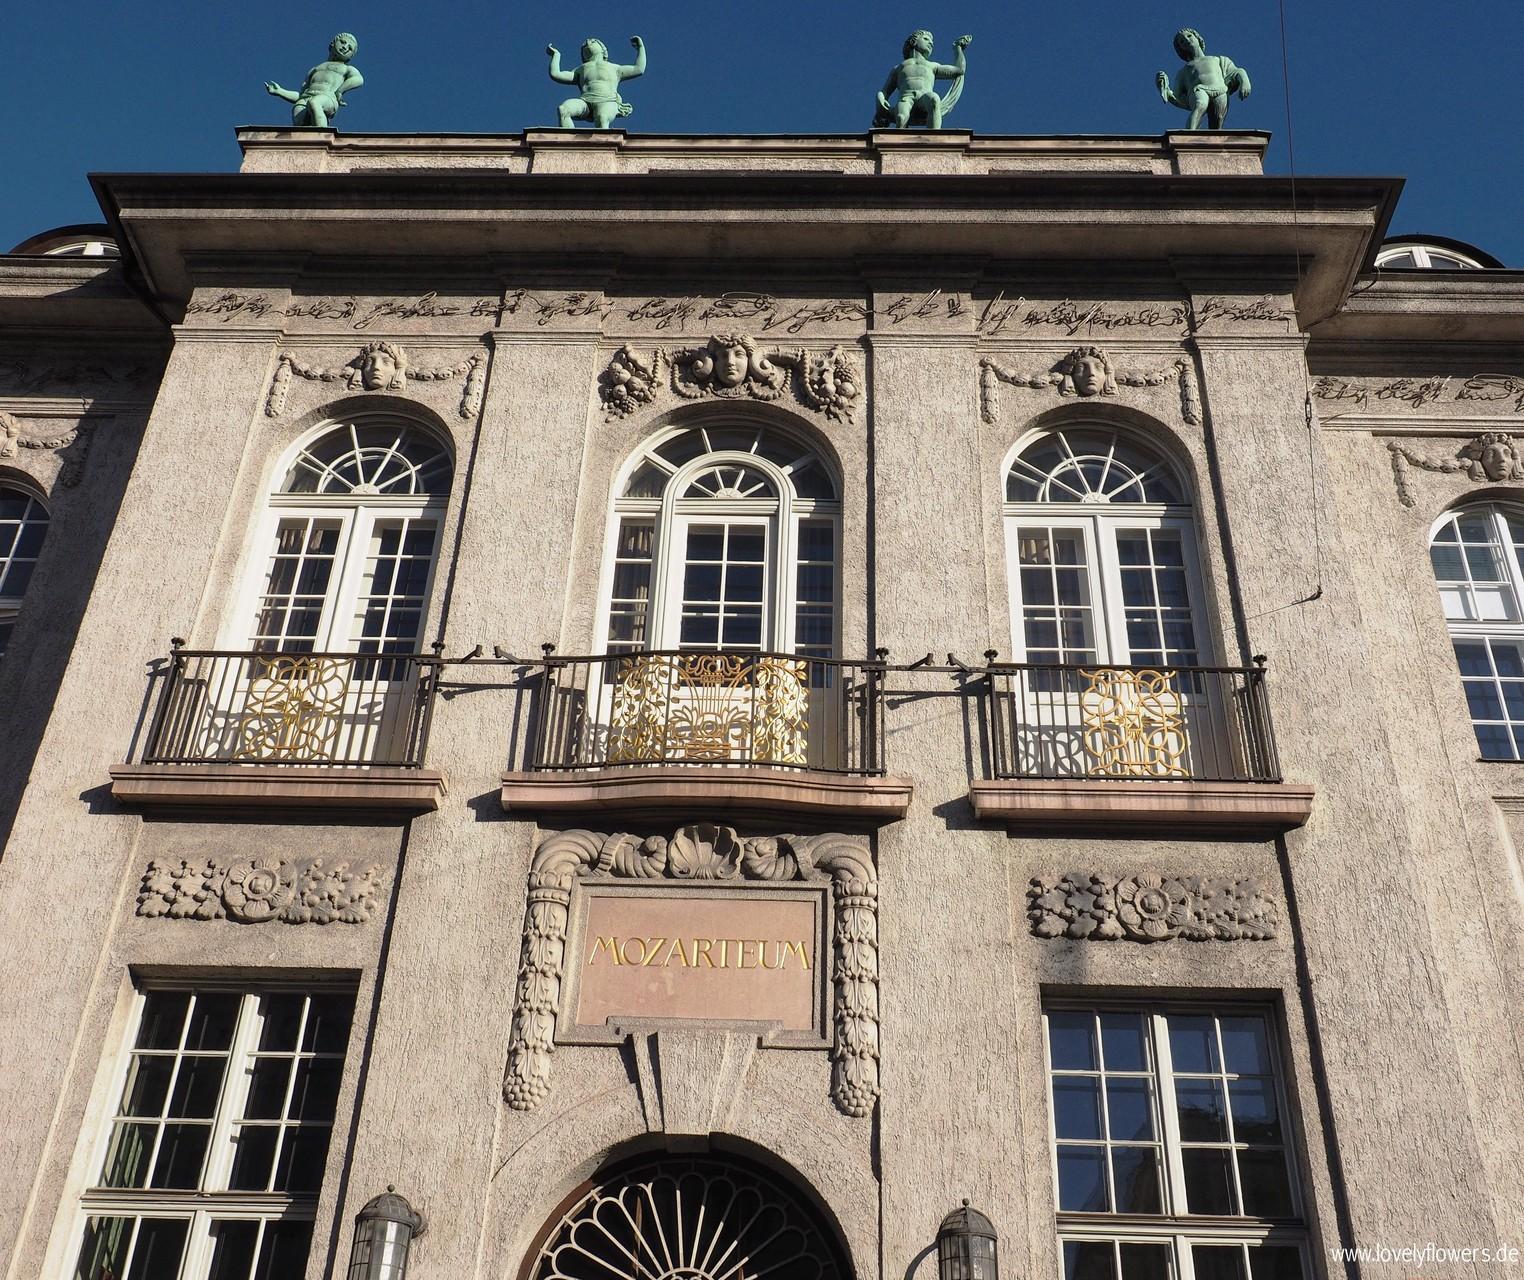 Paper-Art Glasaufsatzblütenarbeiten durch www.lovelyflowers.de für einen außergewöhnlichen Winterhochzeit Champagnerempfang im Mozarteum/Salzburg/Österreich